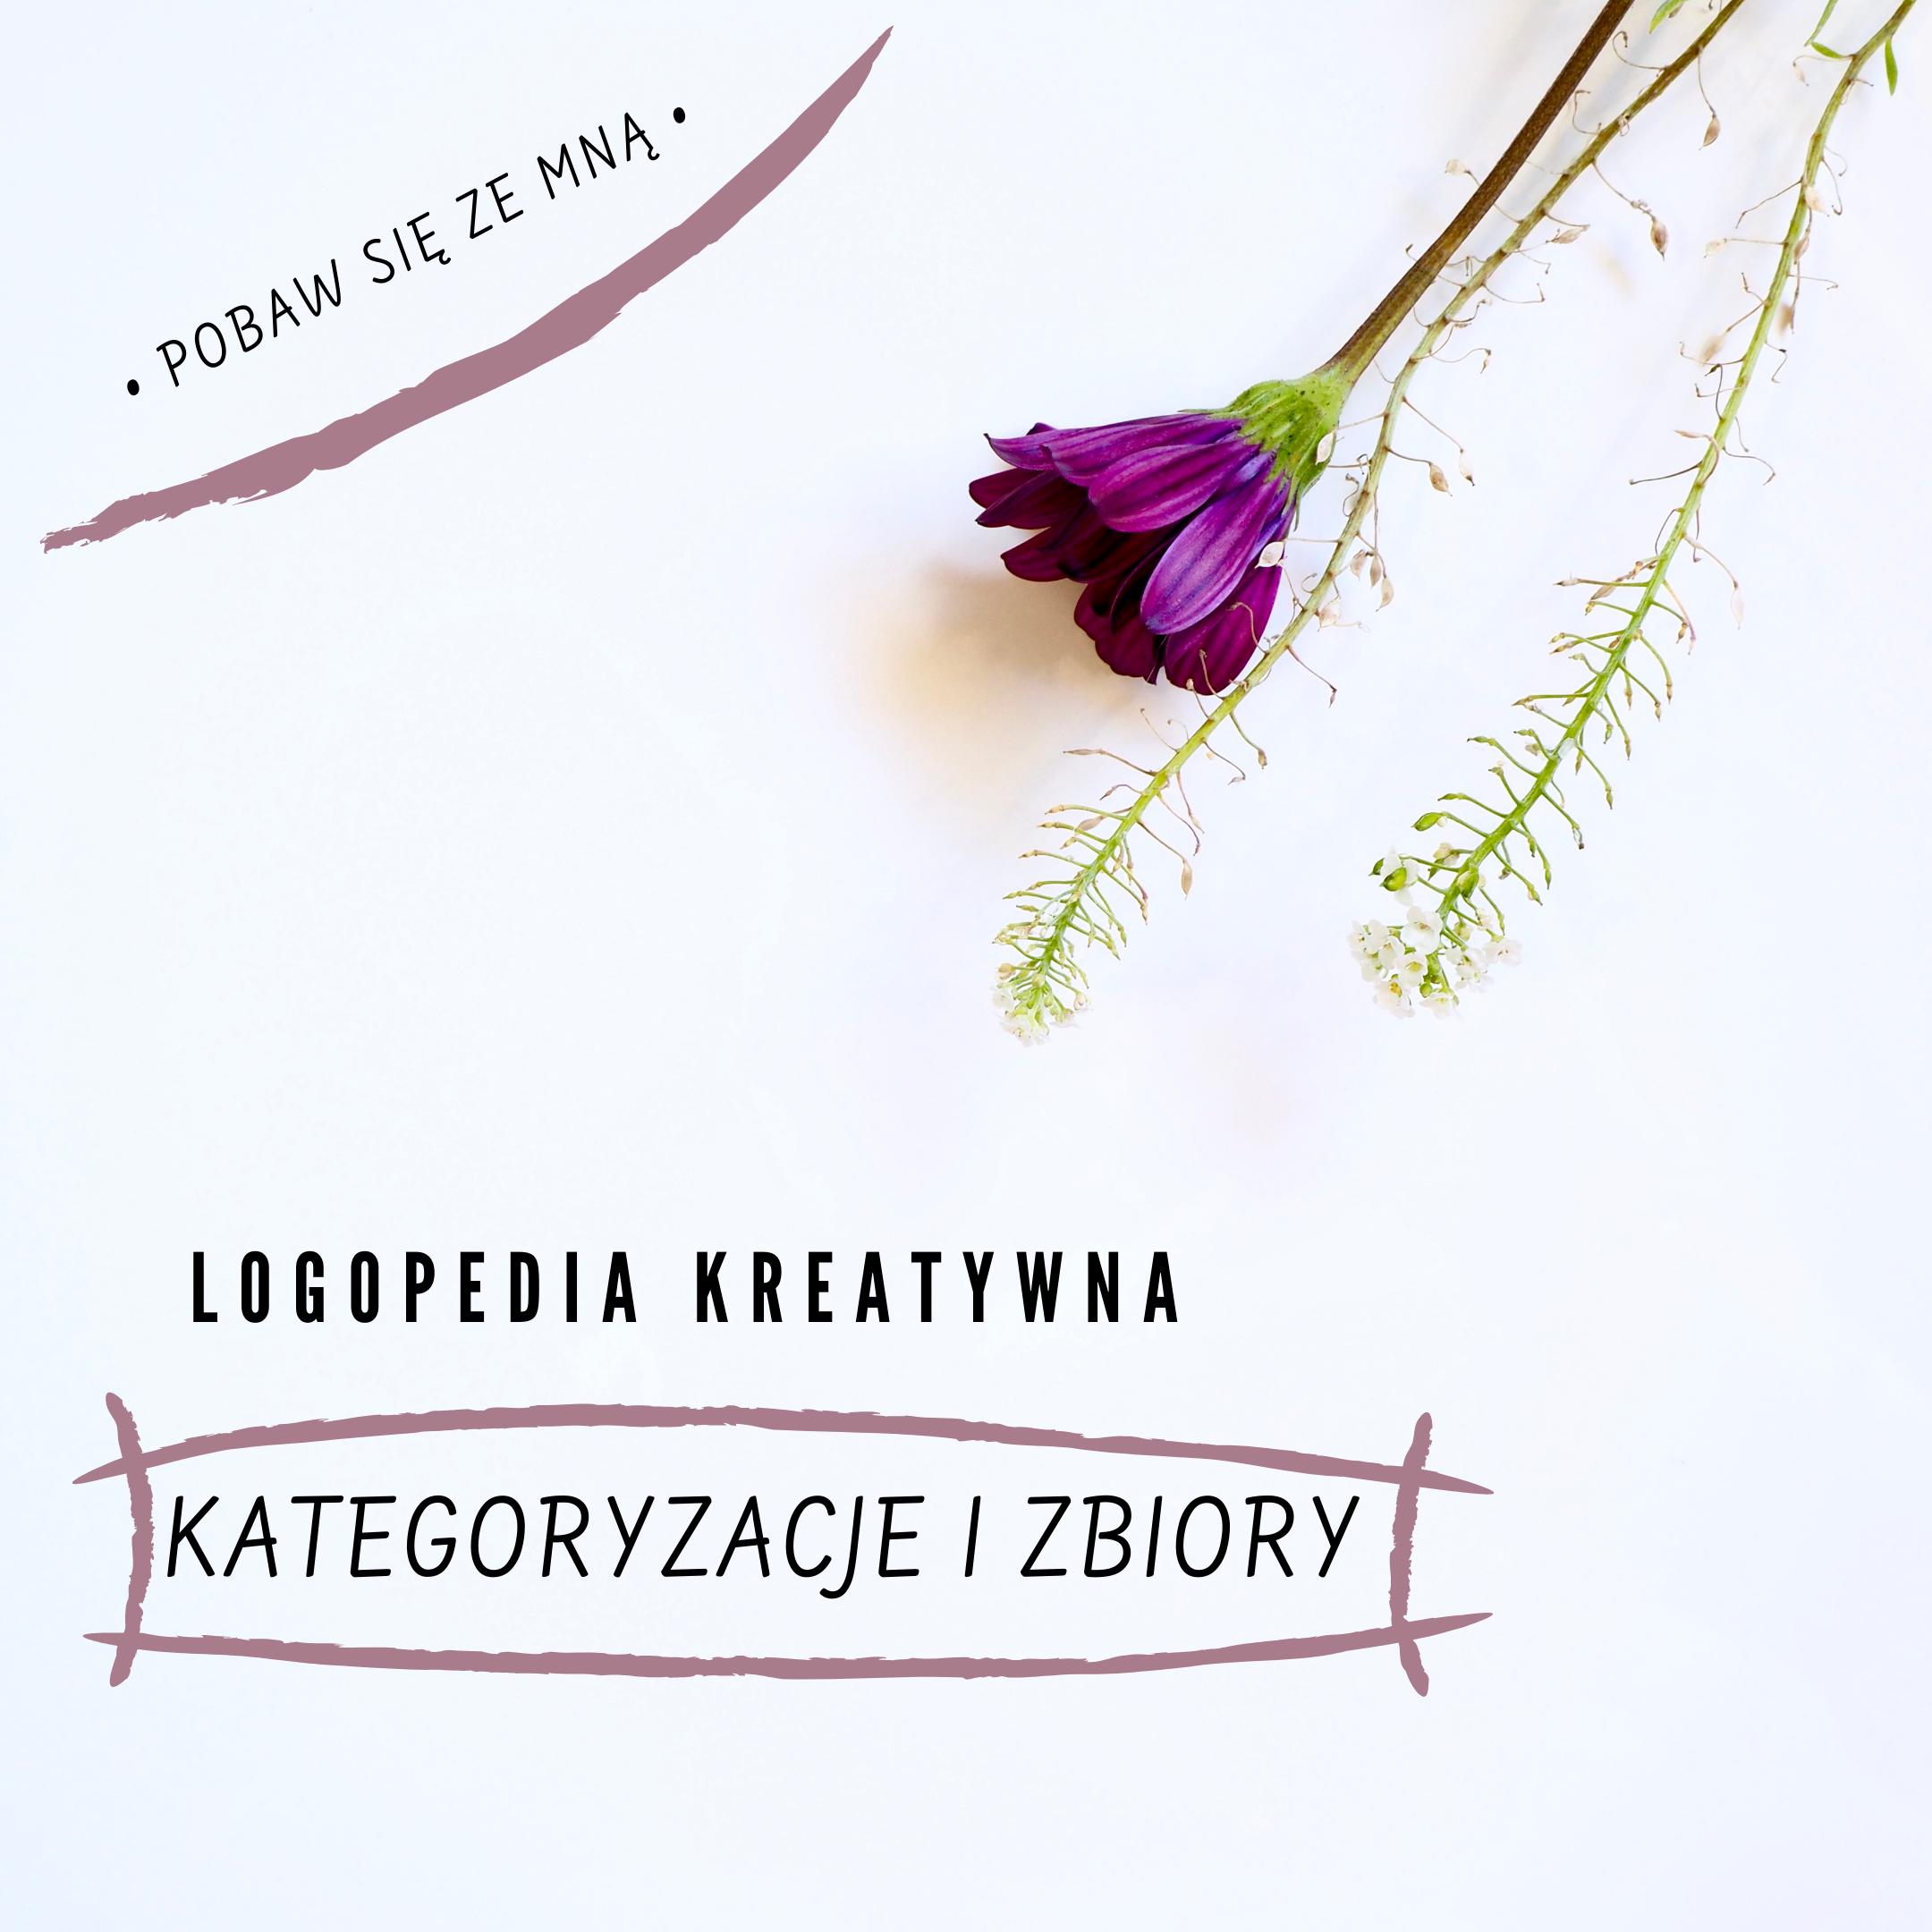 Logopedia kreatywna cz. II (kategoryzacje i zbiory)